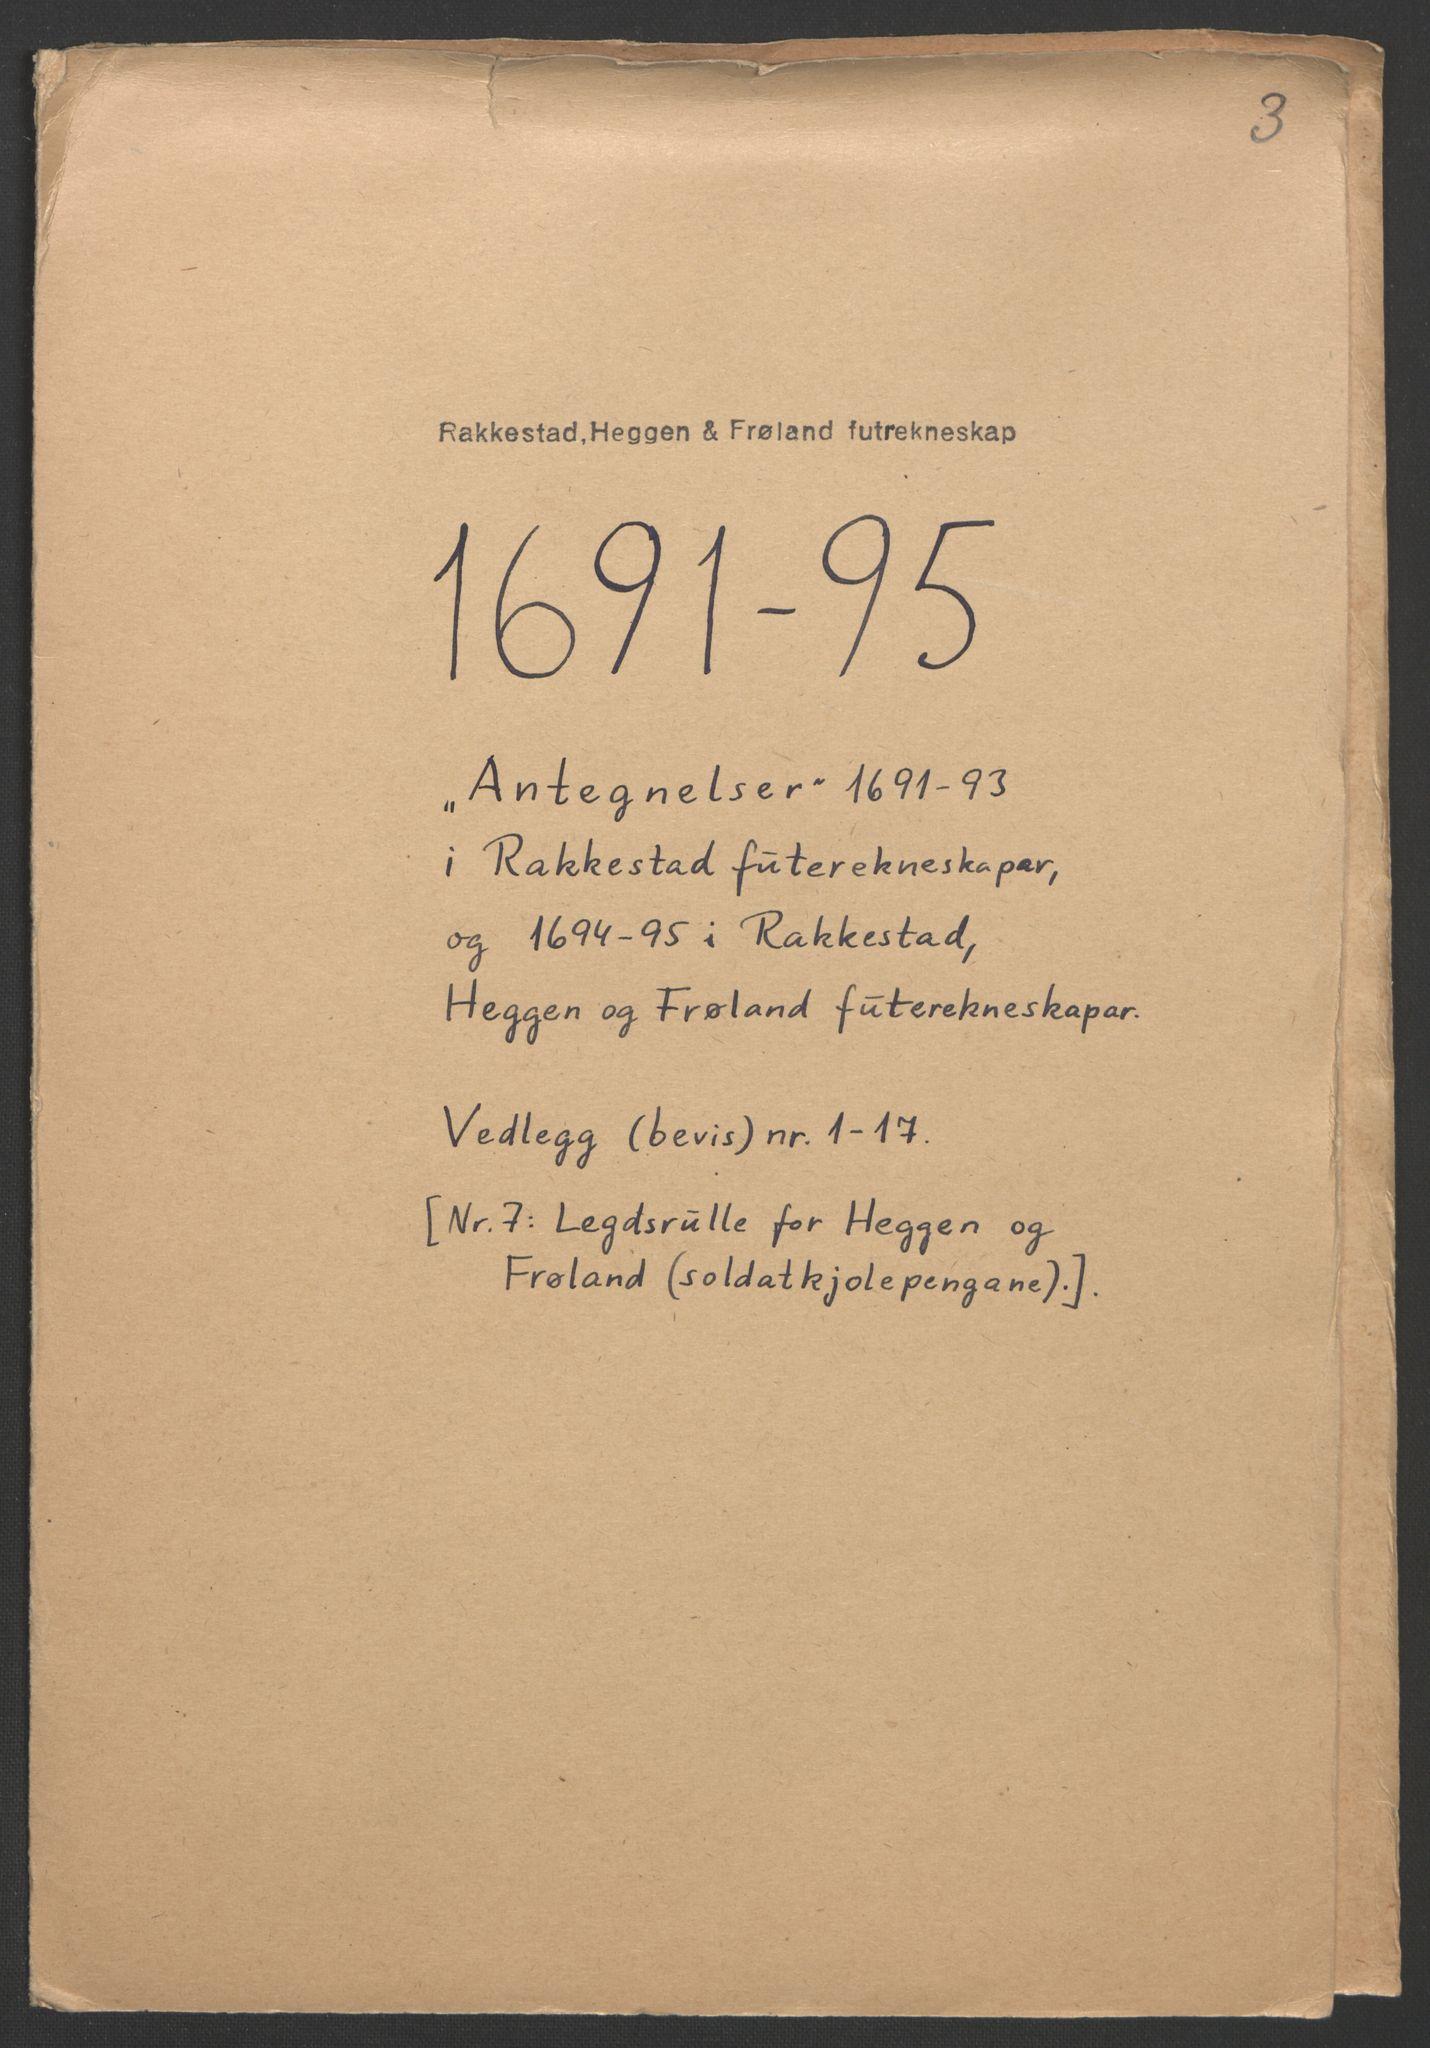 RA, Rentekammeret inntil 1814, Reviderte regnskaper, Fogderegnskap, R07/L0285: Fogderegnskap Rakkestad, Heggen og Frøland, 1695, s. 347